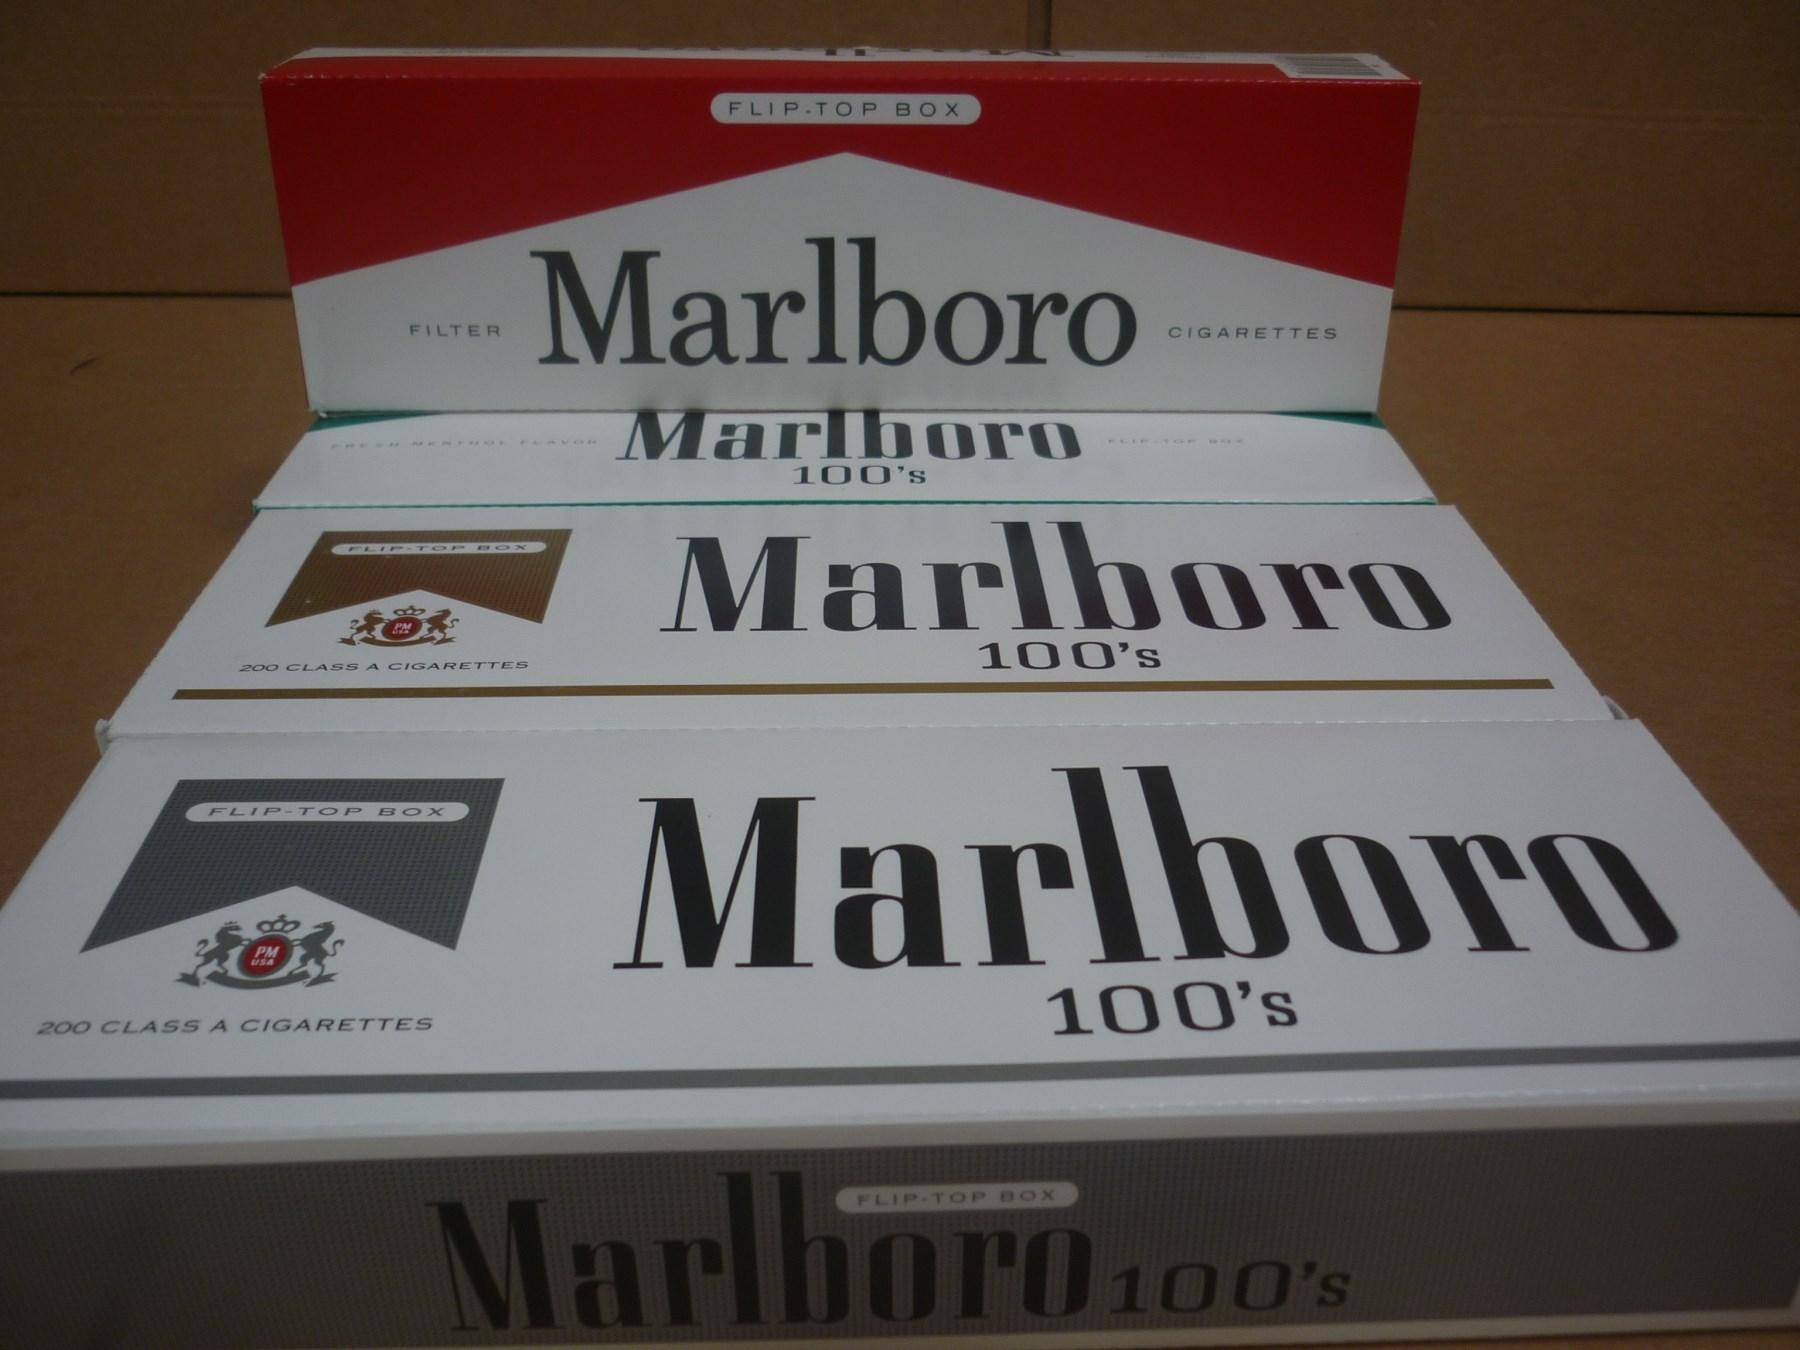 Secret Service Online Cigarette Auction (August 24-31)